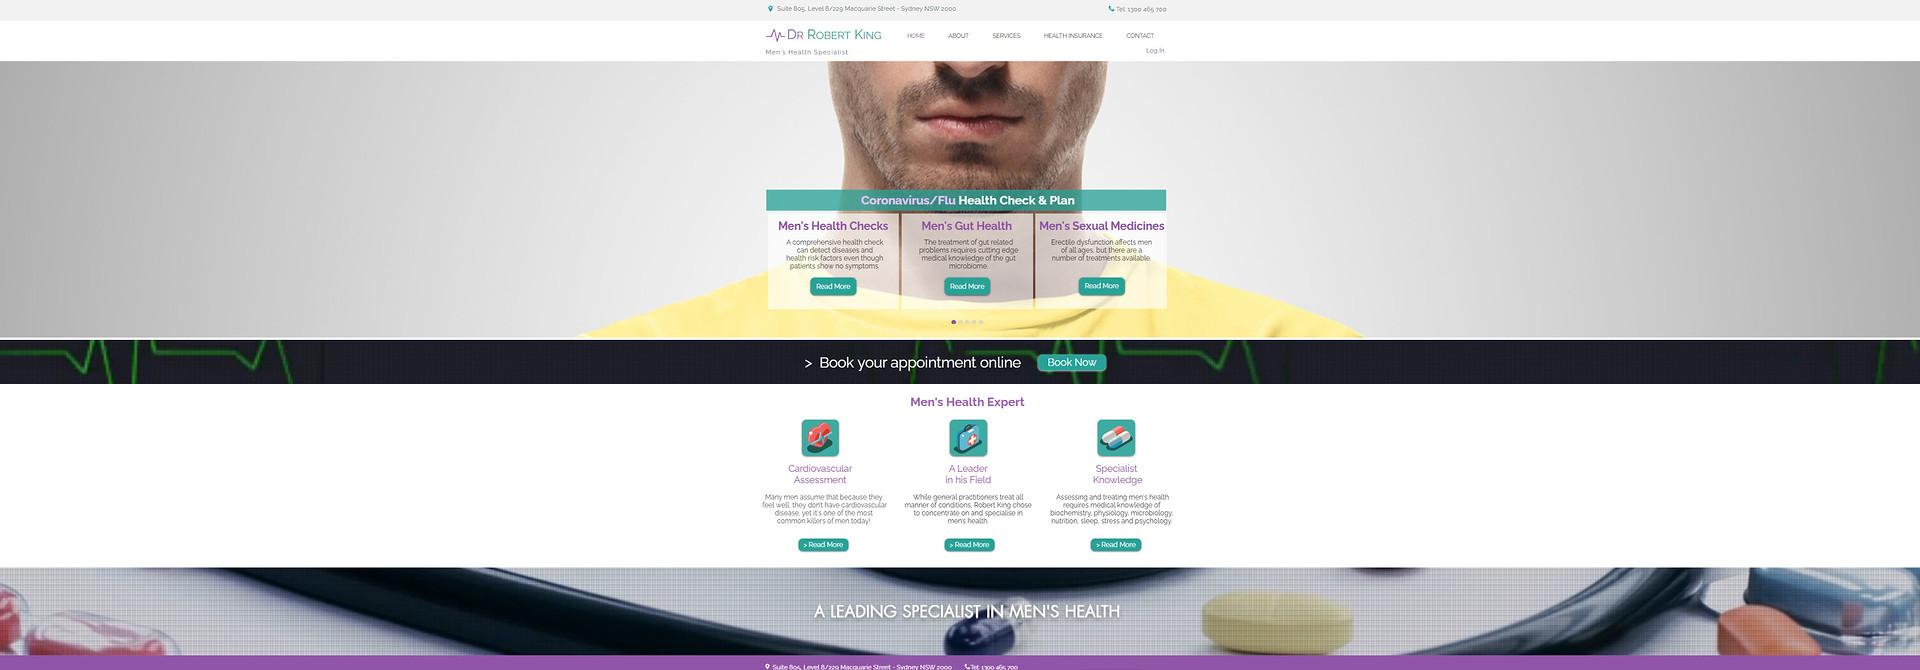 GP/Psychoatris Website